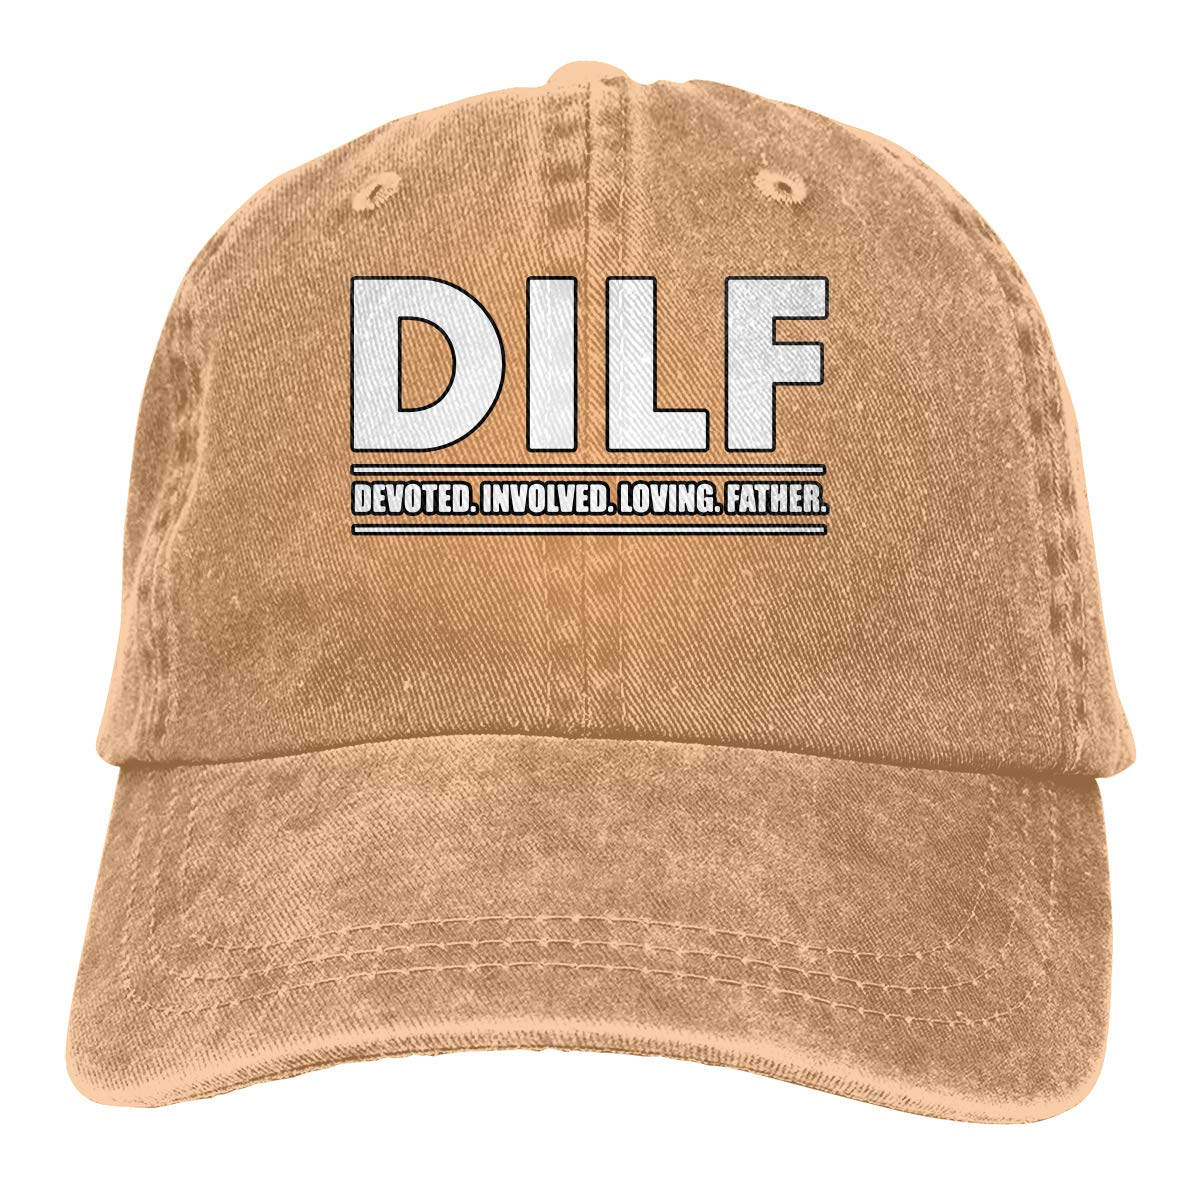 Men Women DILF Devoted Involved Loving Father Vintage Washed Dad Hat Cool Adjustable Baseball Cap